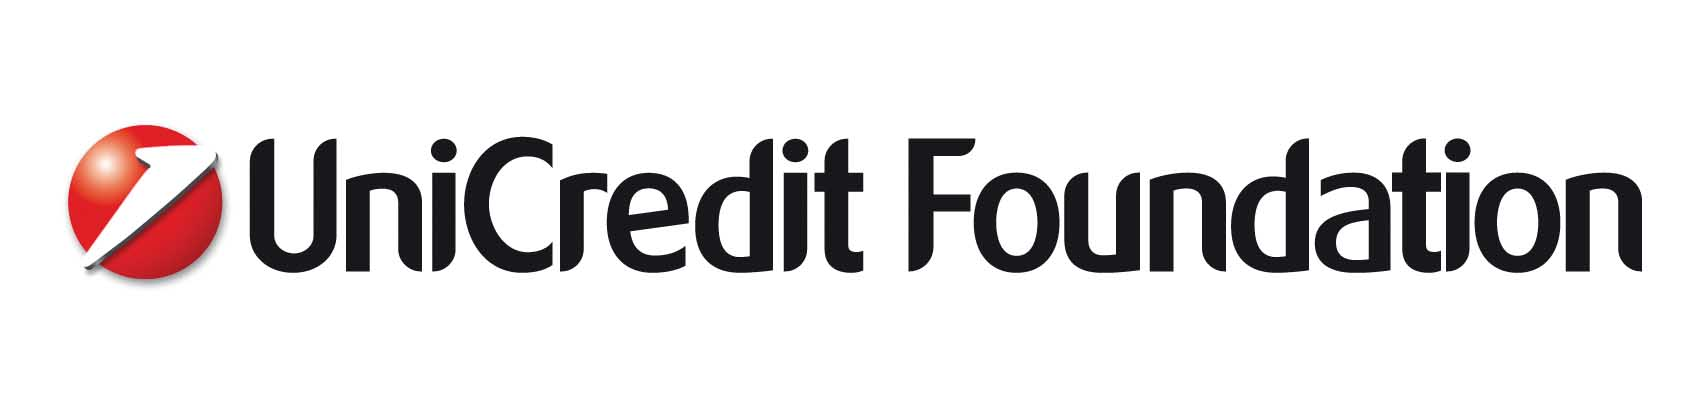 UniCredit foundation logo 1